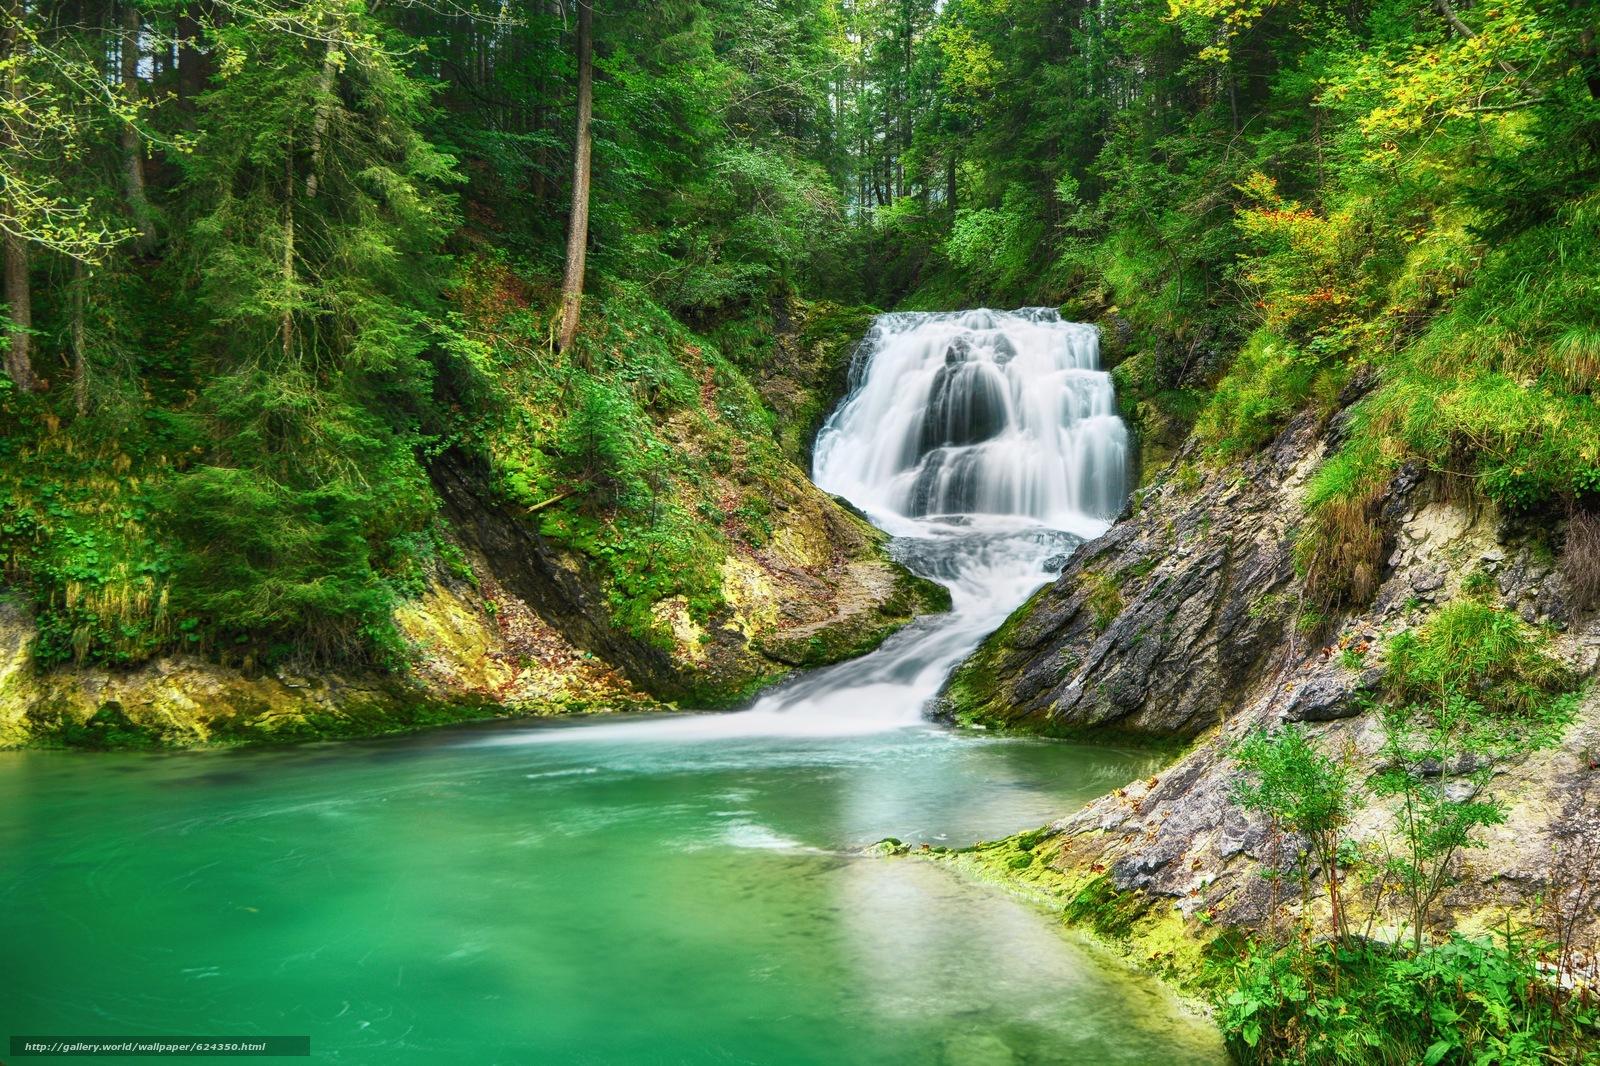 壁纸 风景 旅游 瀑布 山水 桌面 1600_1066